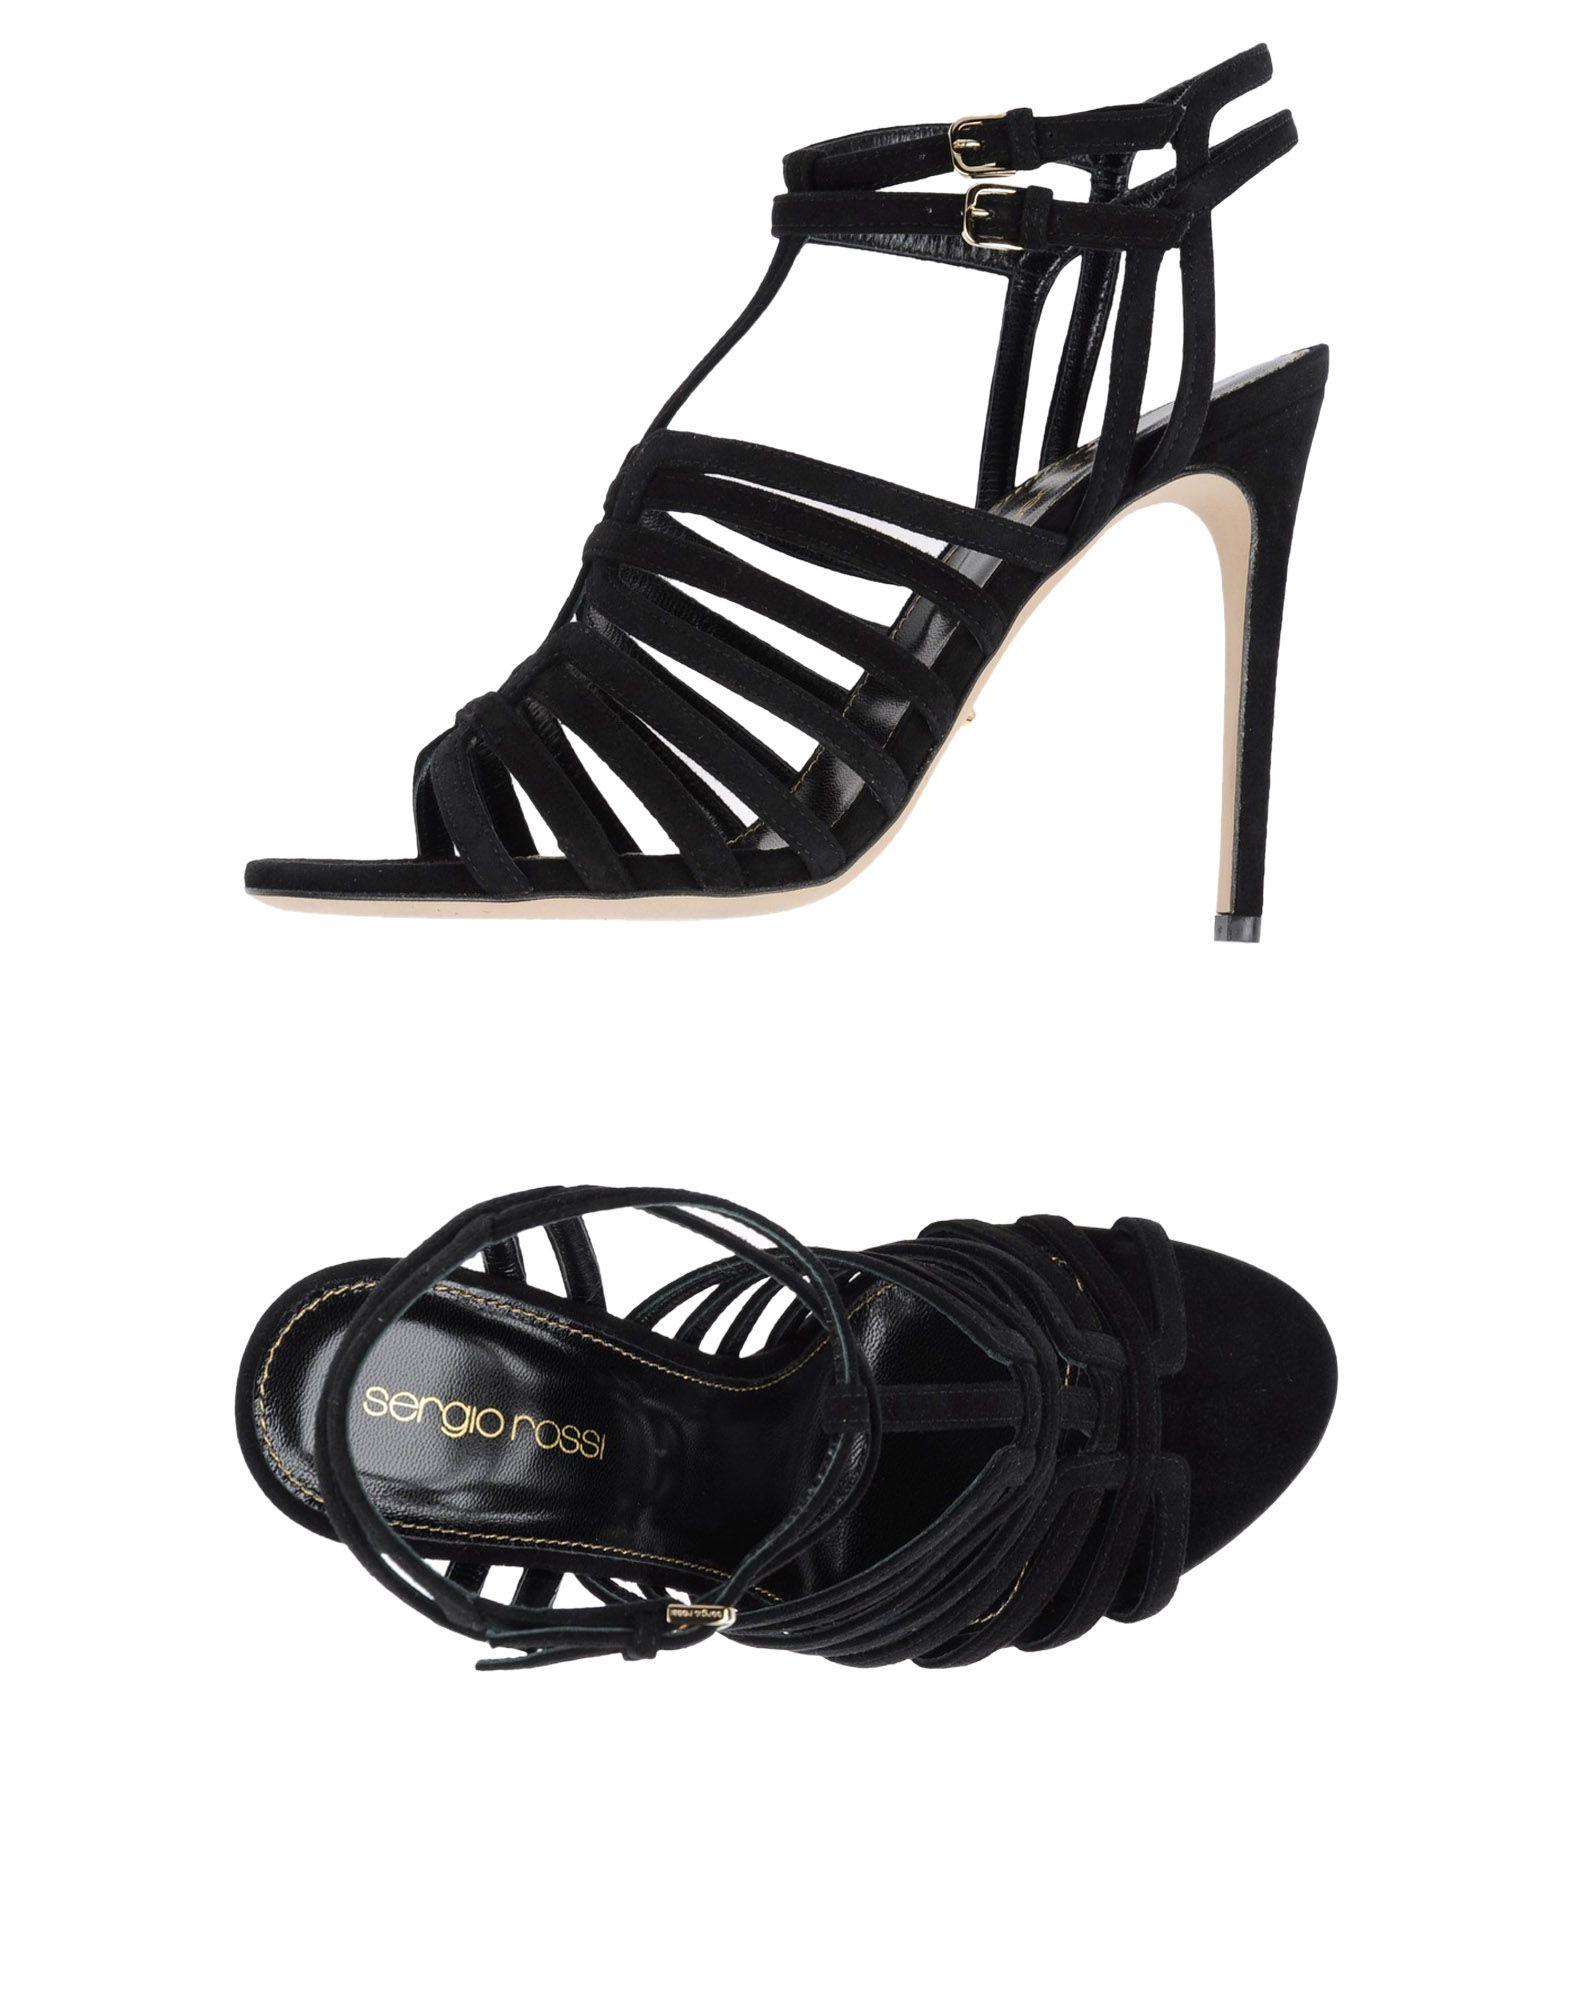 SERGIO ROSSI Damen Sandale Farbe Schwarz Größe 12 jetztbilligerkaufen